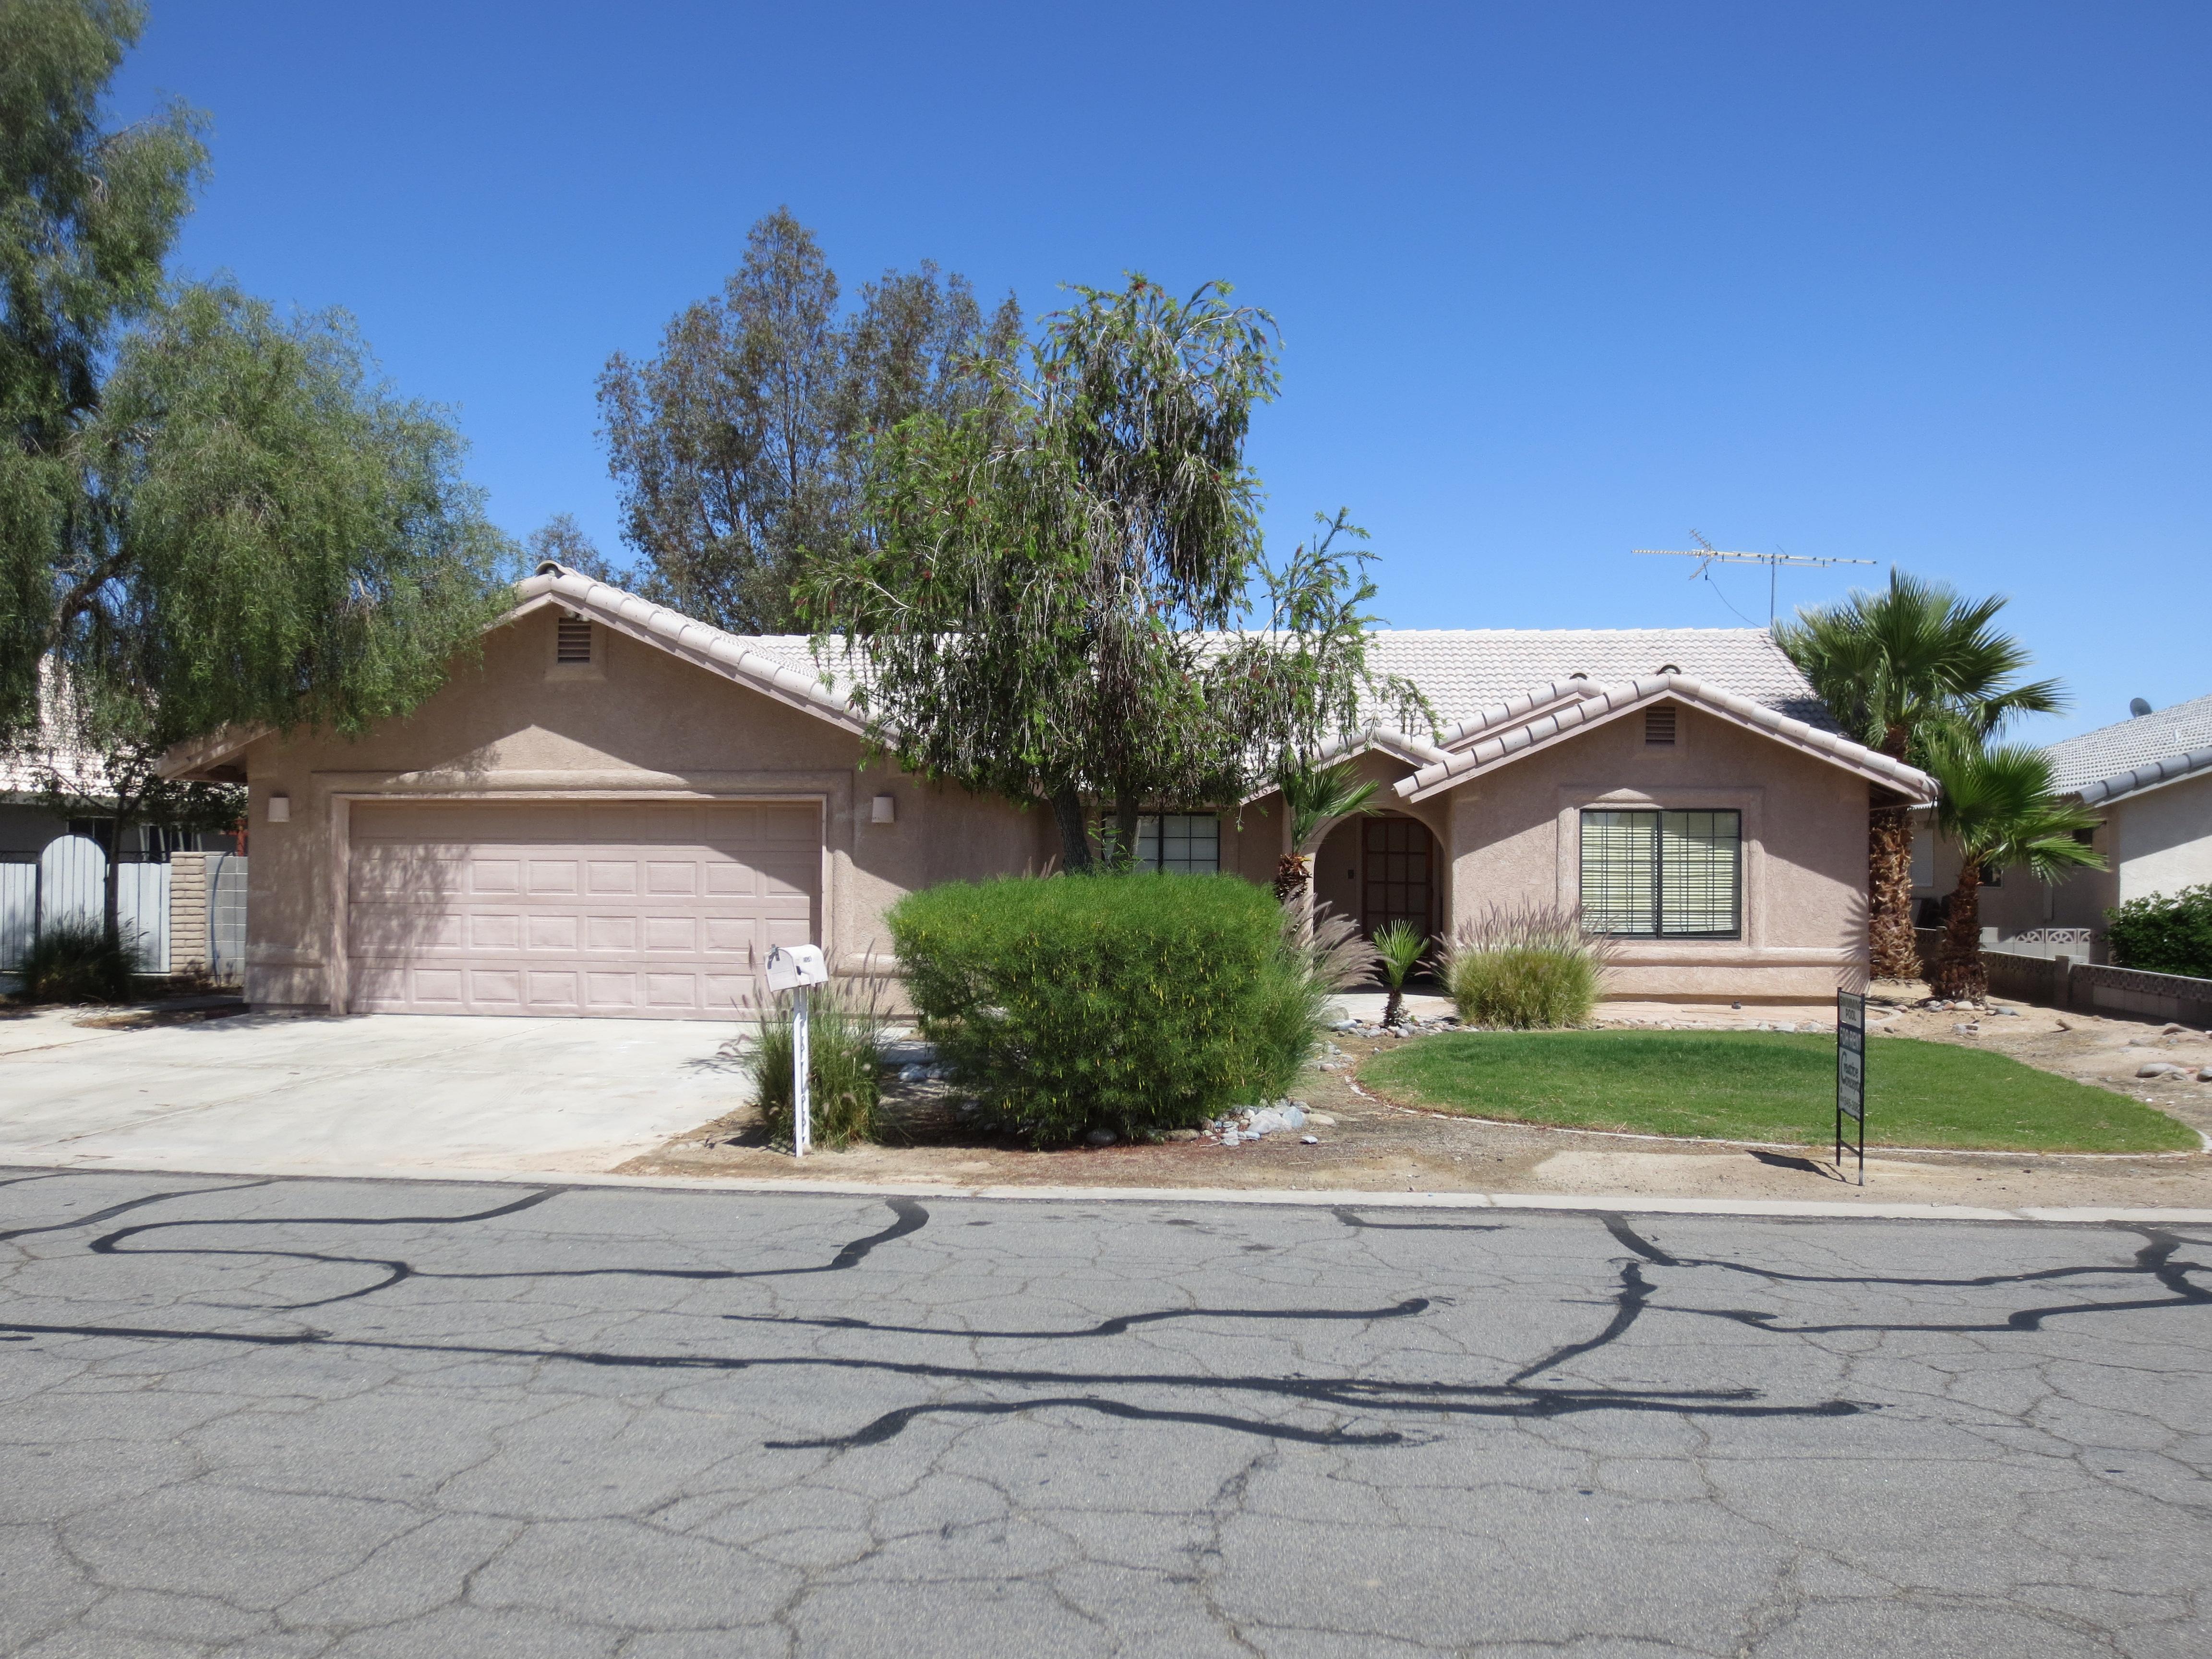 10625 E. Del Vista Drive POOL HOME